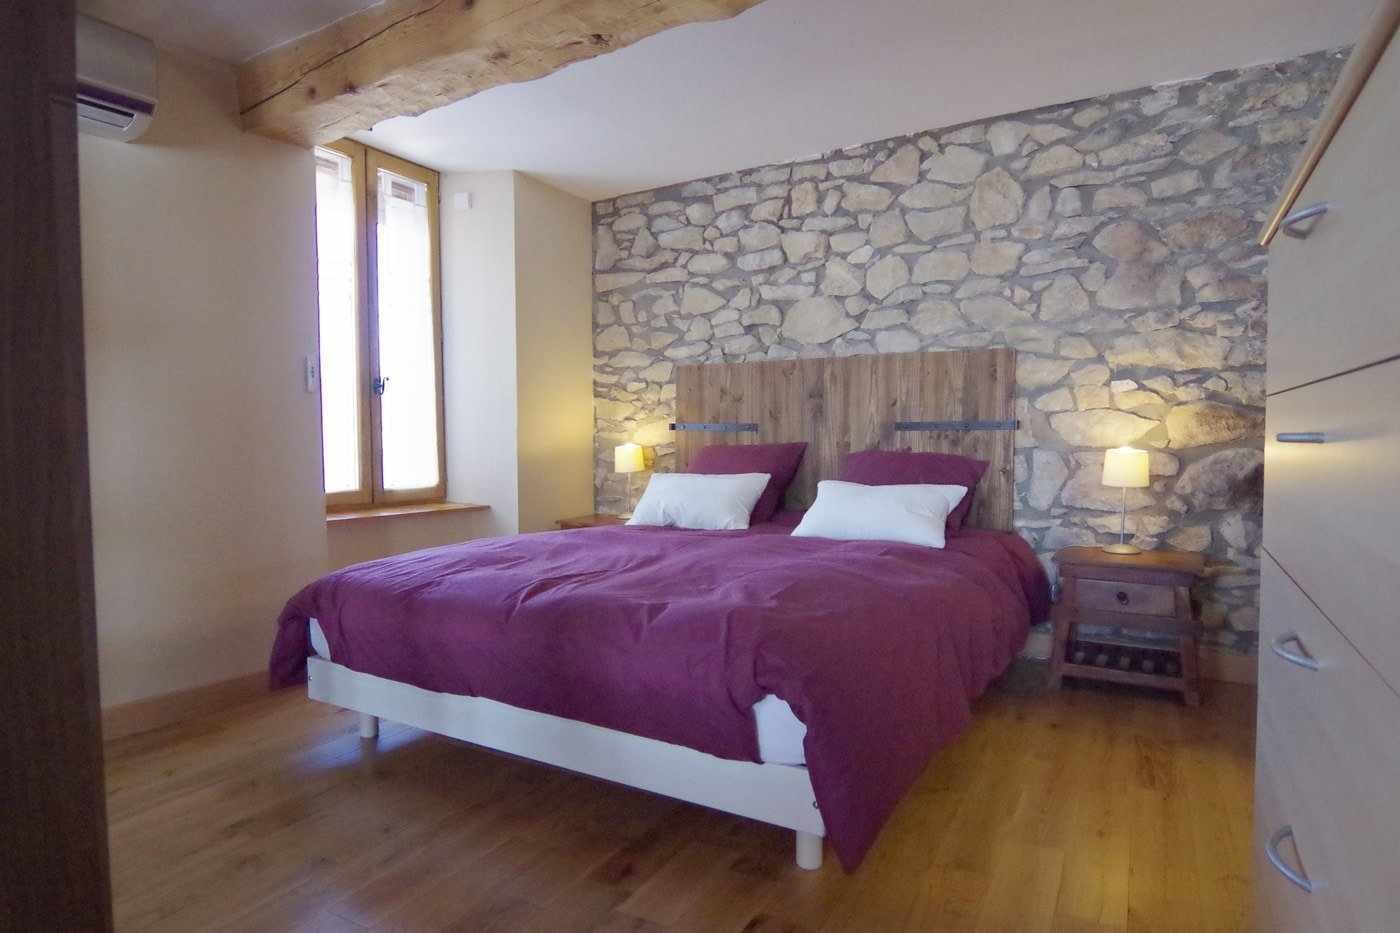 Кровать с бордовым покрывалом